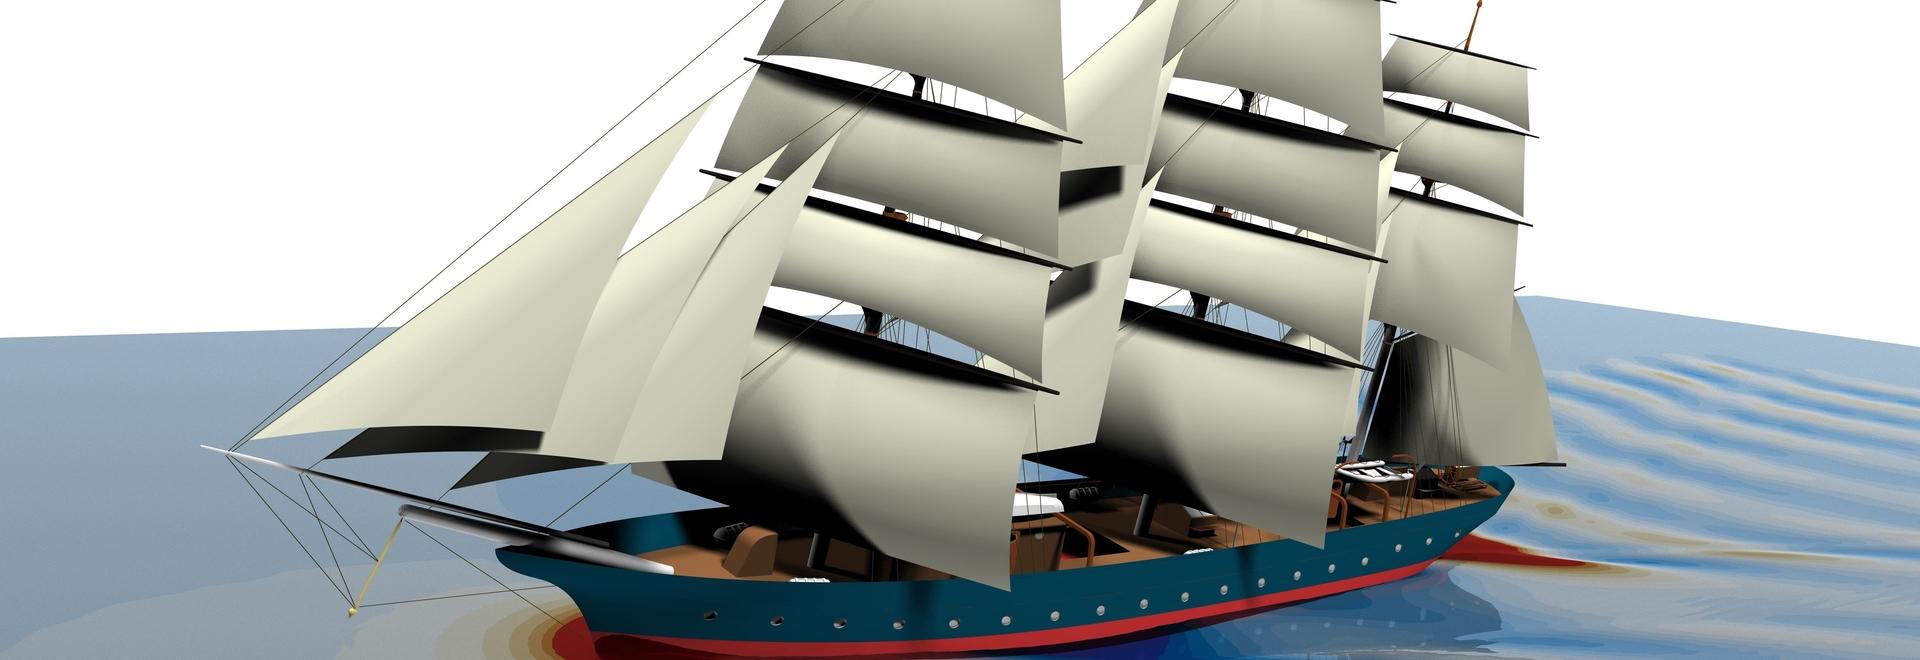 Comunicato stampa: Cape Horn Engineering partner dell'iniziativa di navigazione sostenibile EcoClipper.